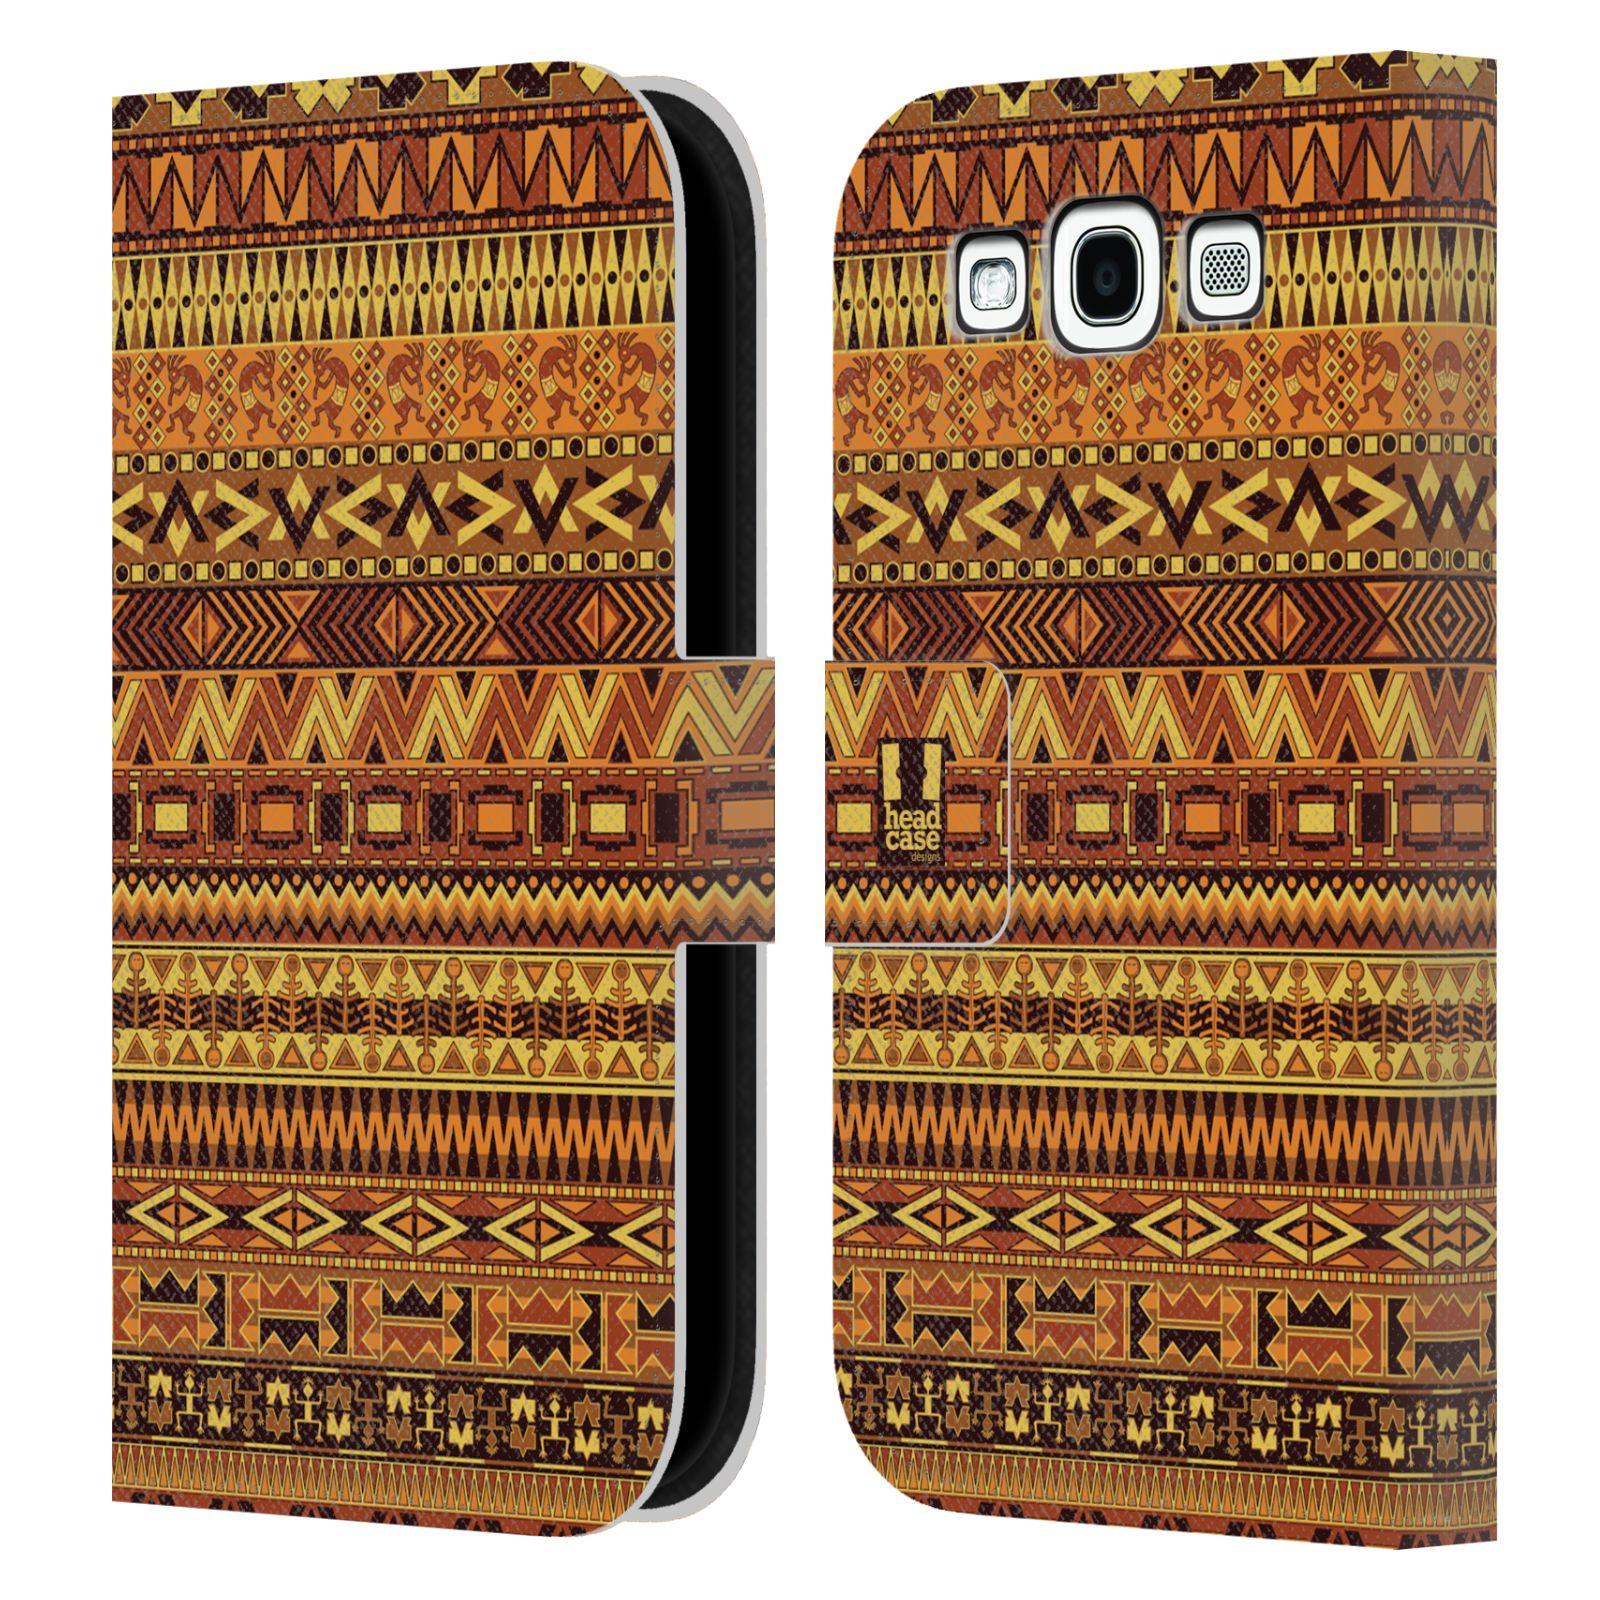 HEAD CASE Flipové pouzdro pro mobil Samsung Galaxy S3 Indiánský vzor YELLOW žlutá